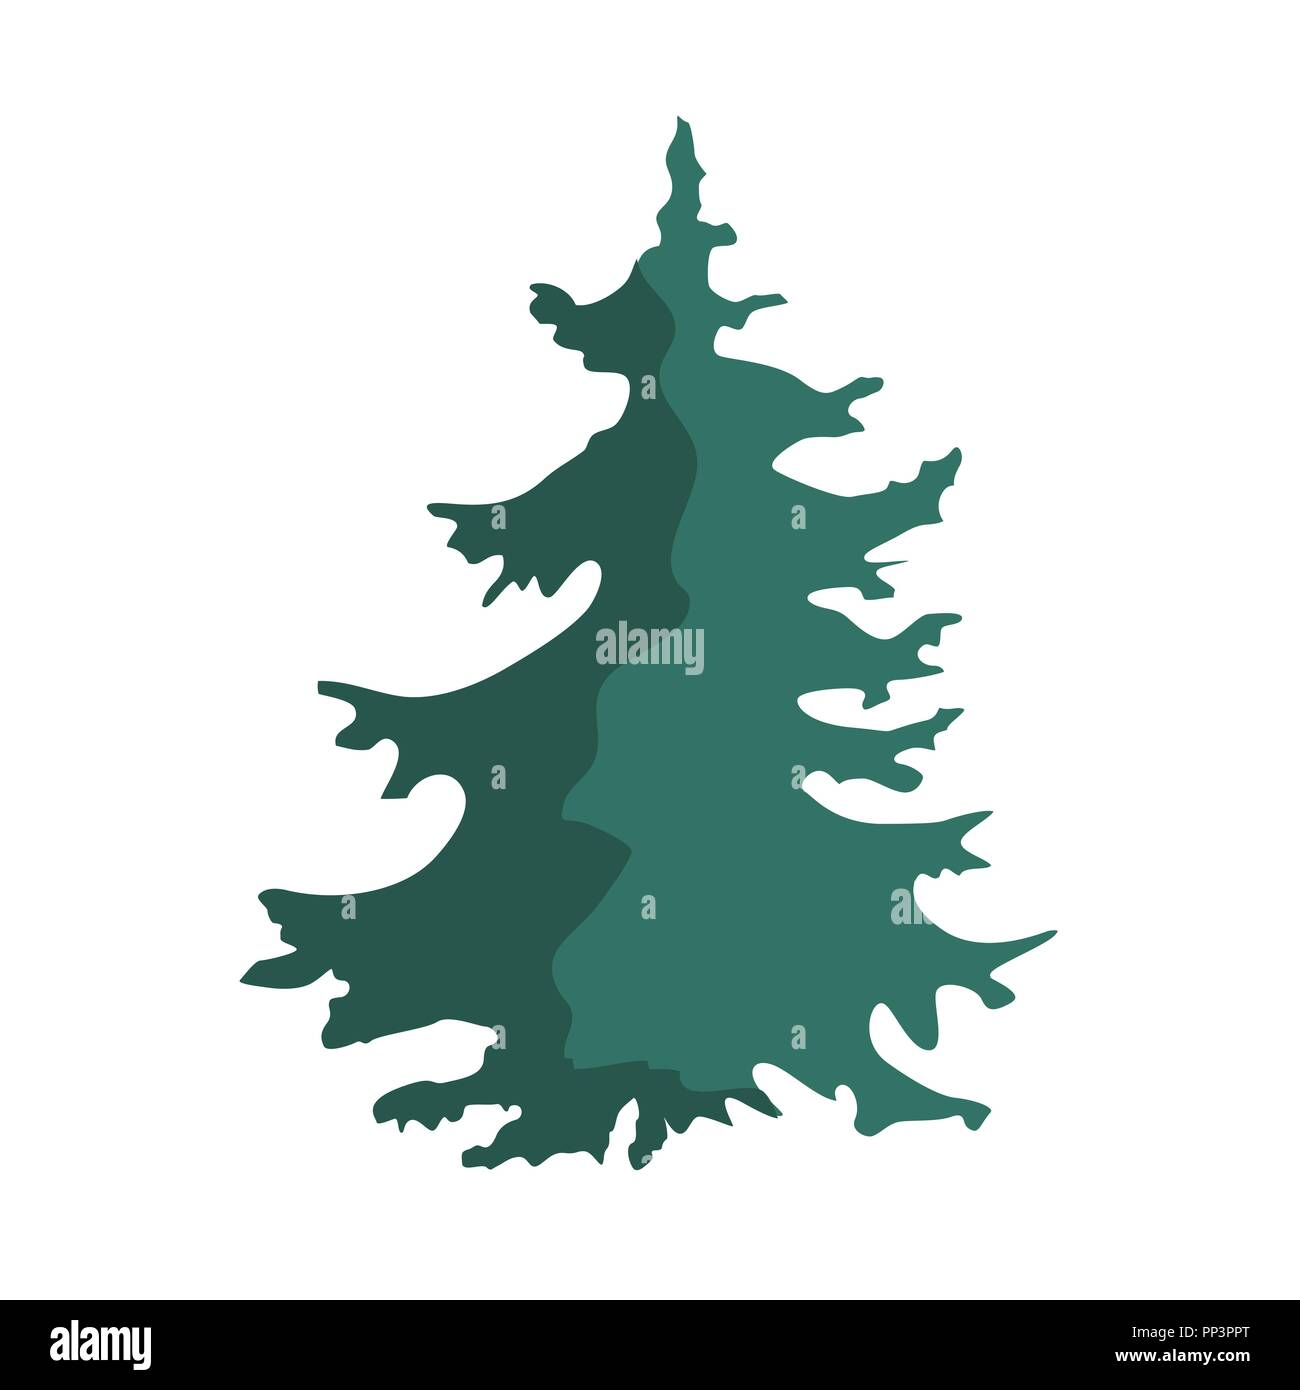 Weihnachtsbaum Gezeichnet.Hand Gezeichnet Weihnachtsbaum Isoliert Auf Einem Weißen Hintergrund